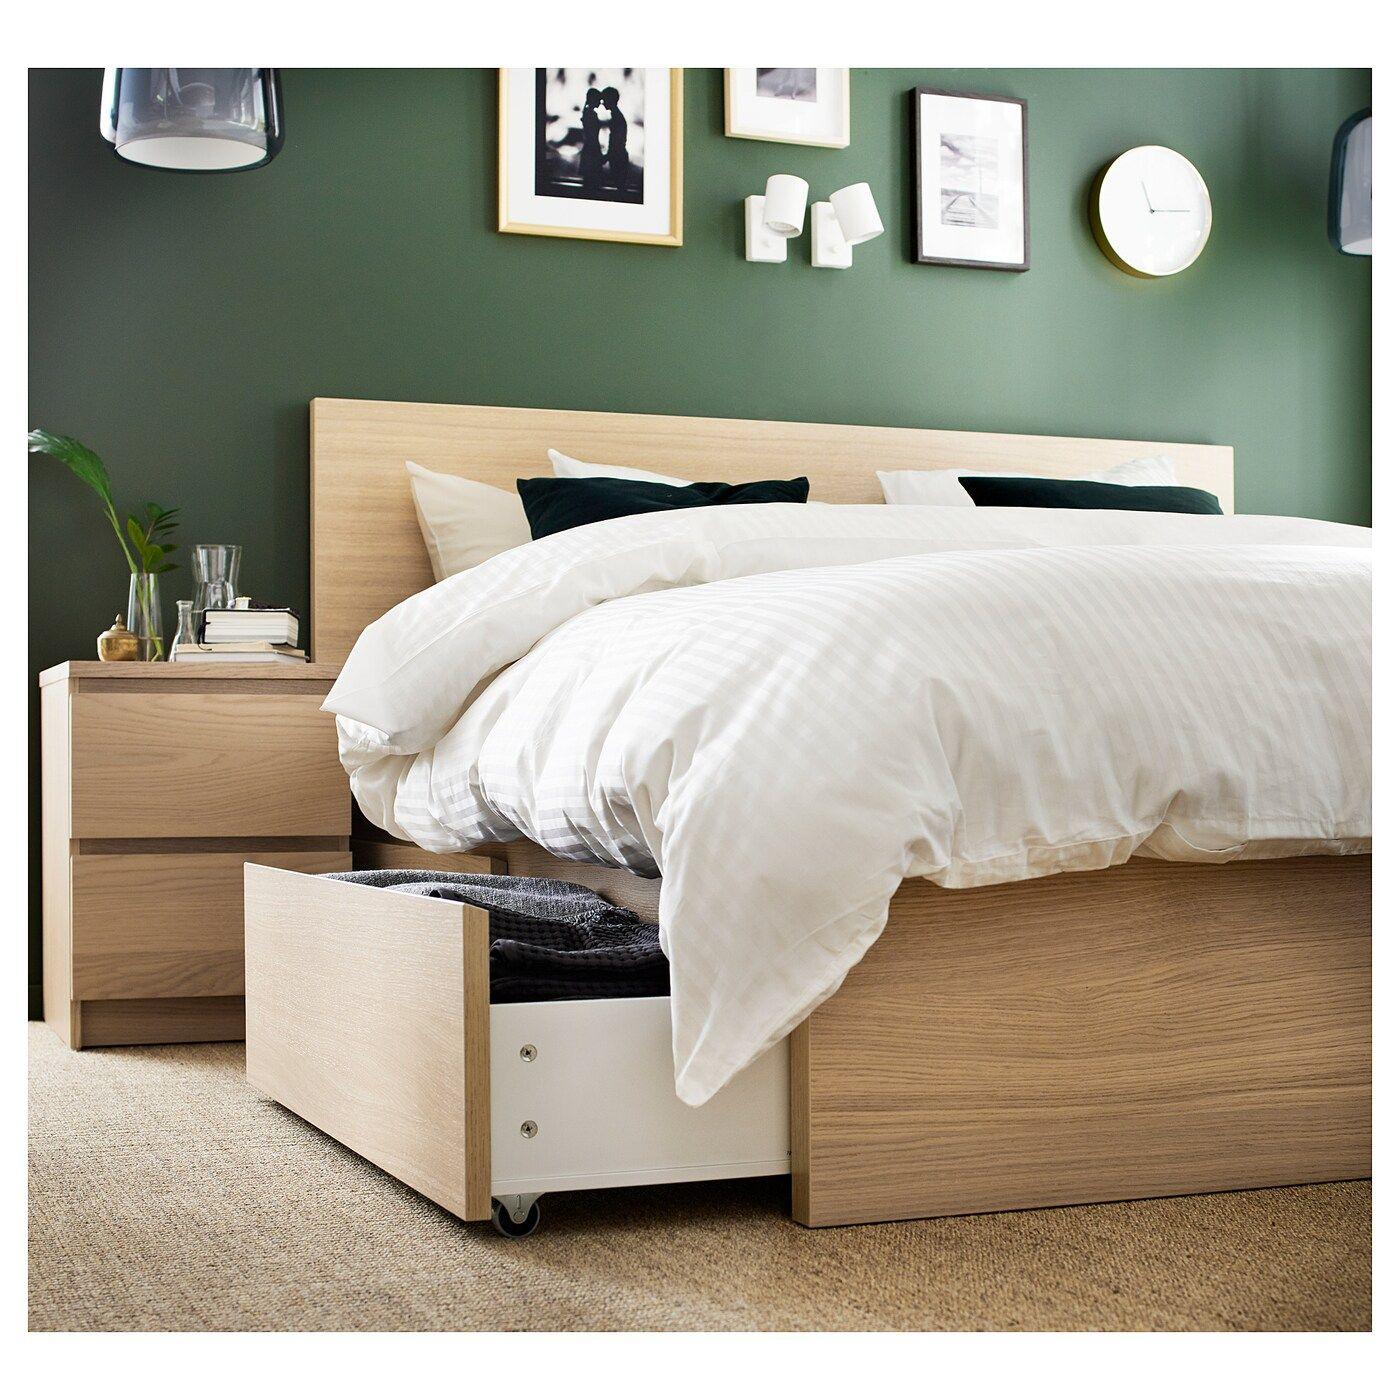 Malm Bettgestell Hoch Mit 2 Schubkasten Eichenfurnier Weiss Lasiert Lonset Ikea Osterreich In 2020 Hoge Bedden Bedkader Bedframe